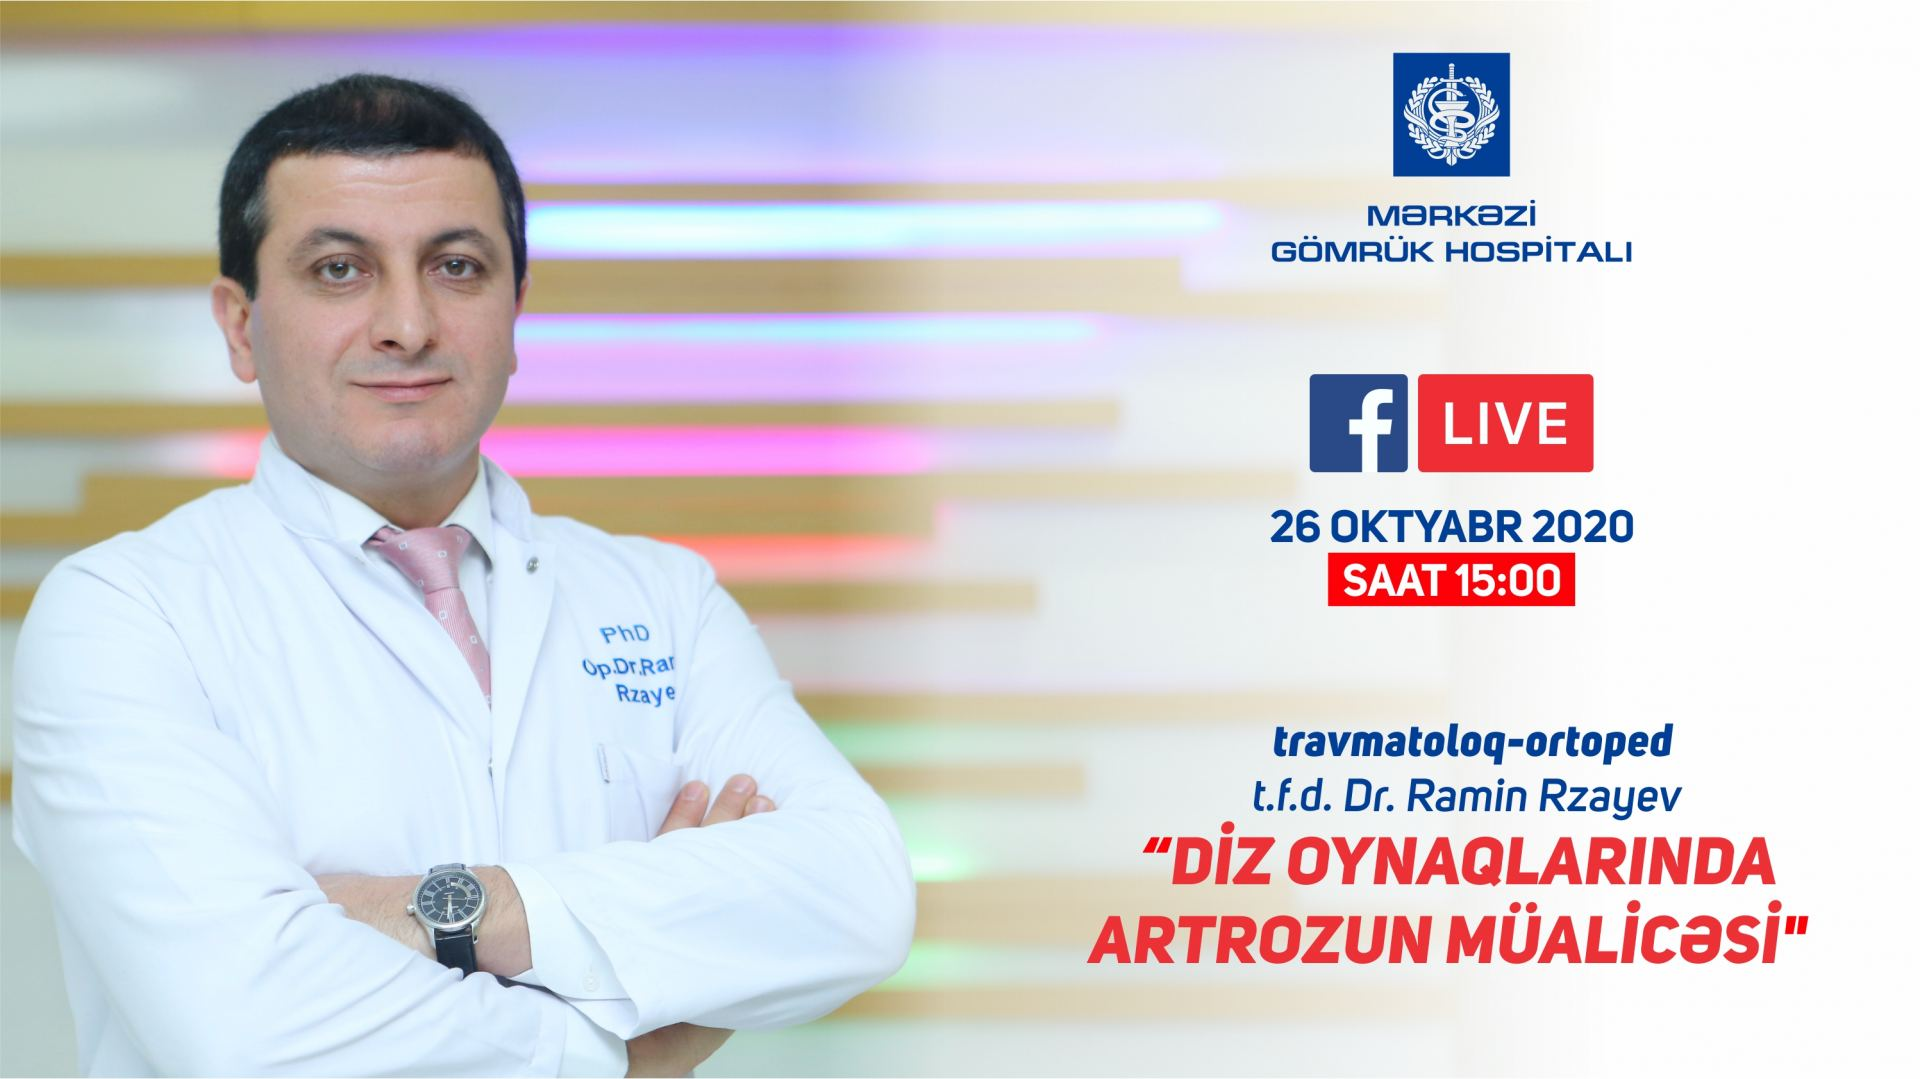 Mərkəzi Gömrük Hospitalının travmatoloqu  Ramin Rzayev canlı yayımda çıxış edəcək